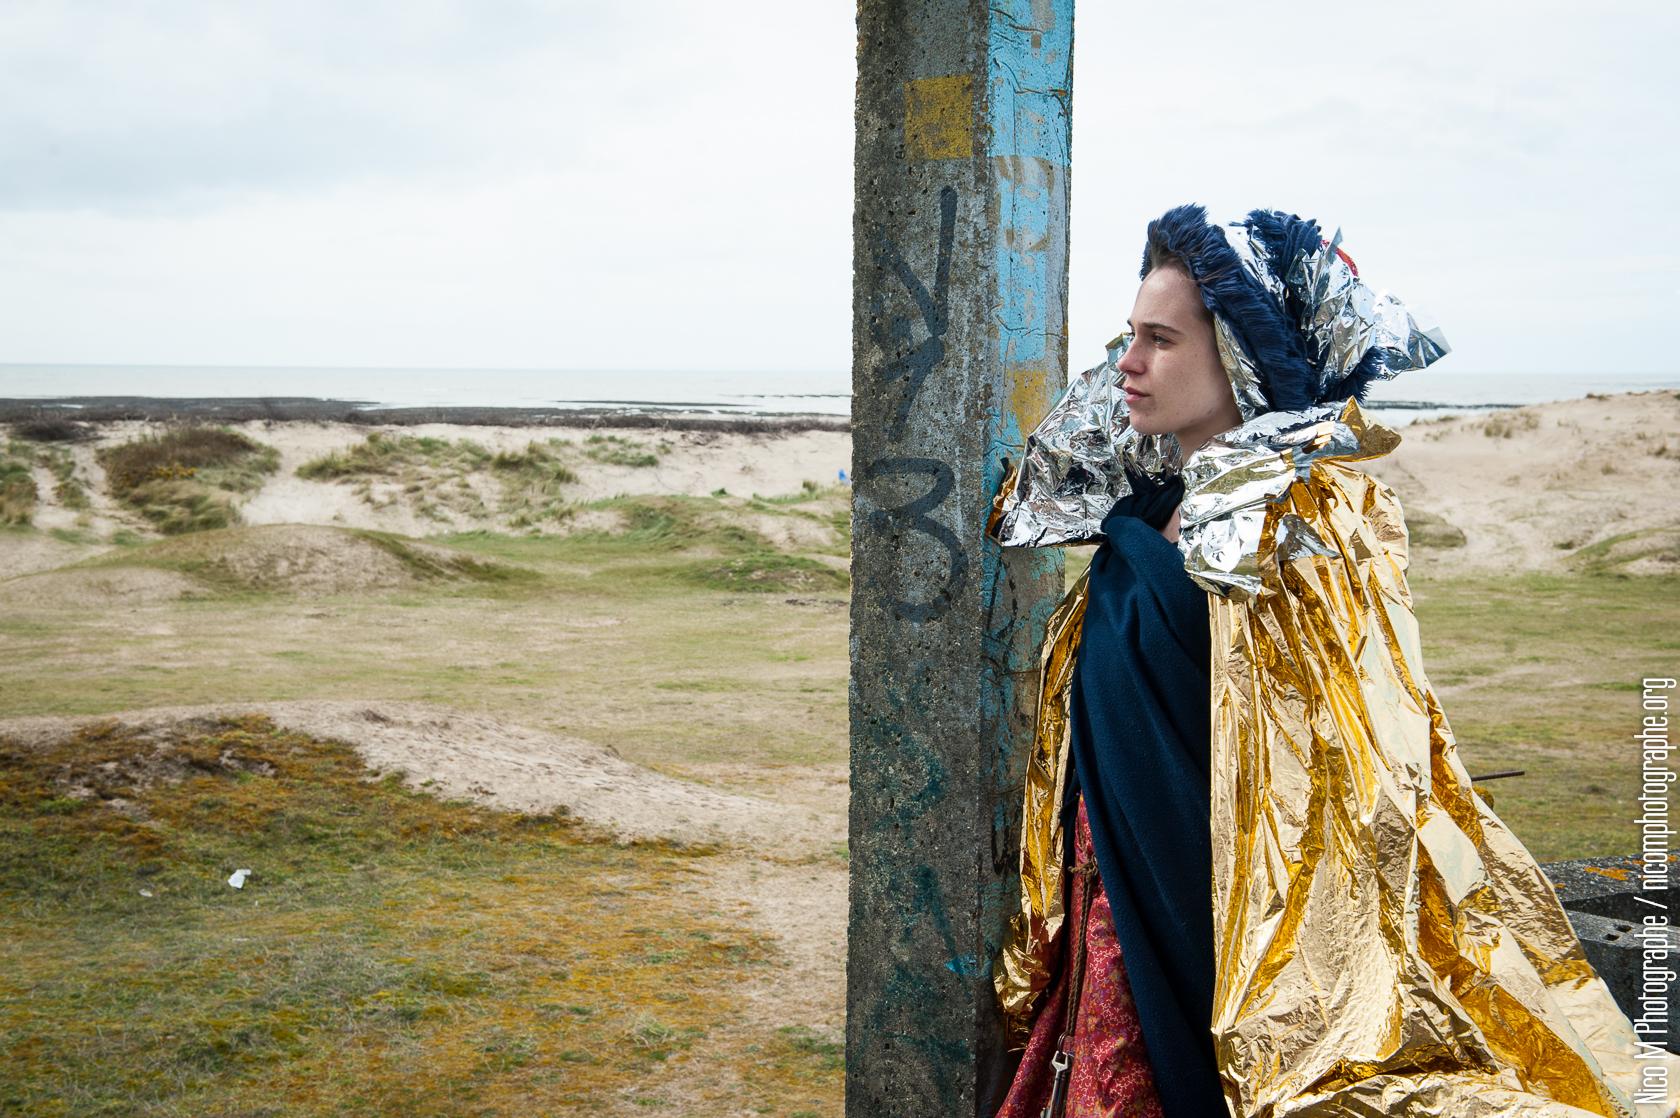 le royaume d Elle, Nico M Photographe-39